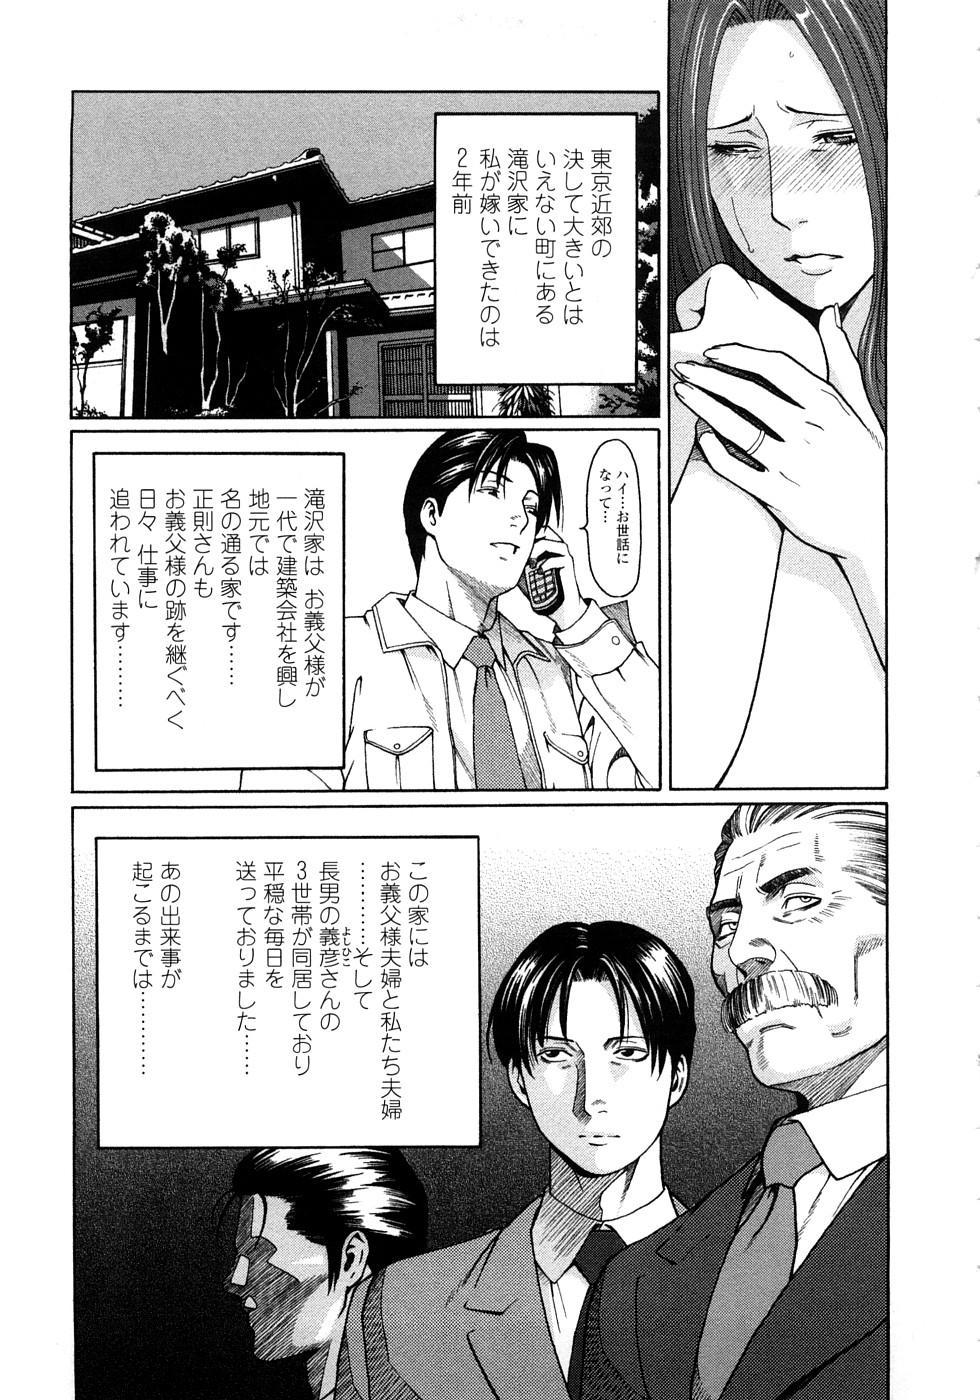 Etsuraku no Tobira - The Door of Sexual Pleasure 11